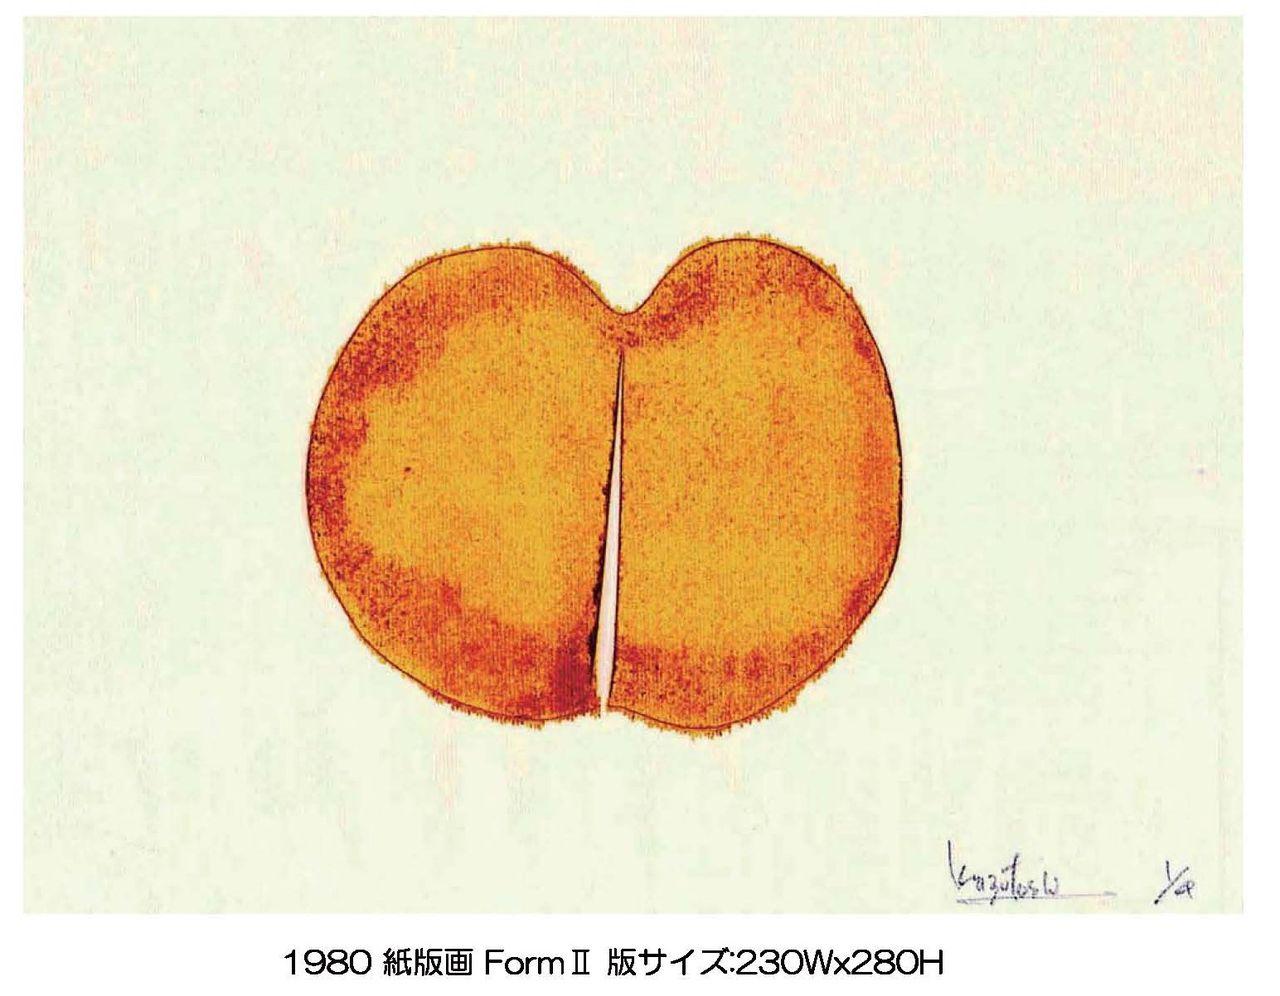 マイ・ギャラリー 1980 紙版画 FormⅡ